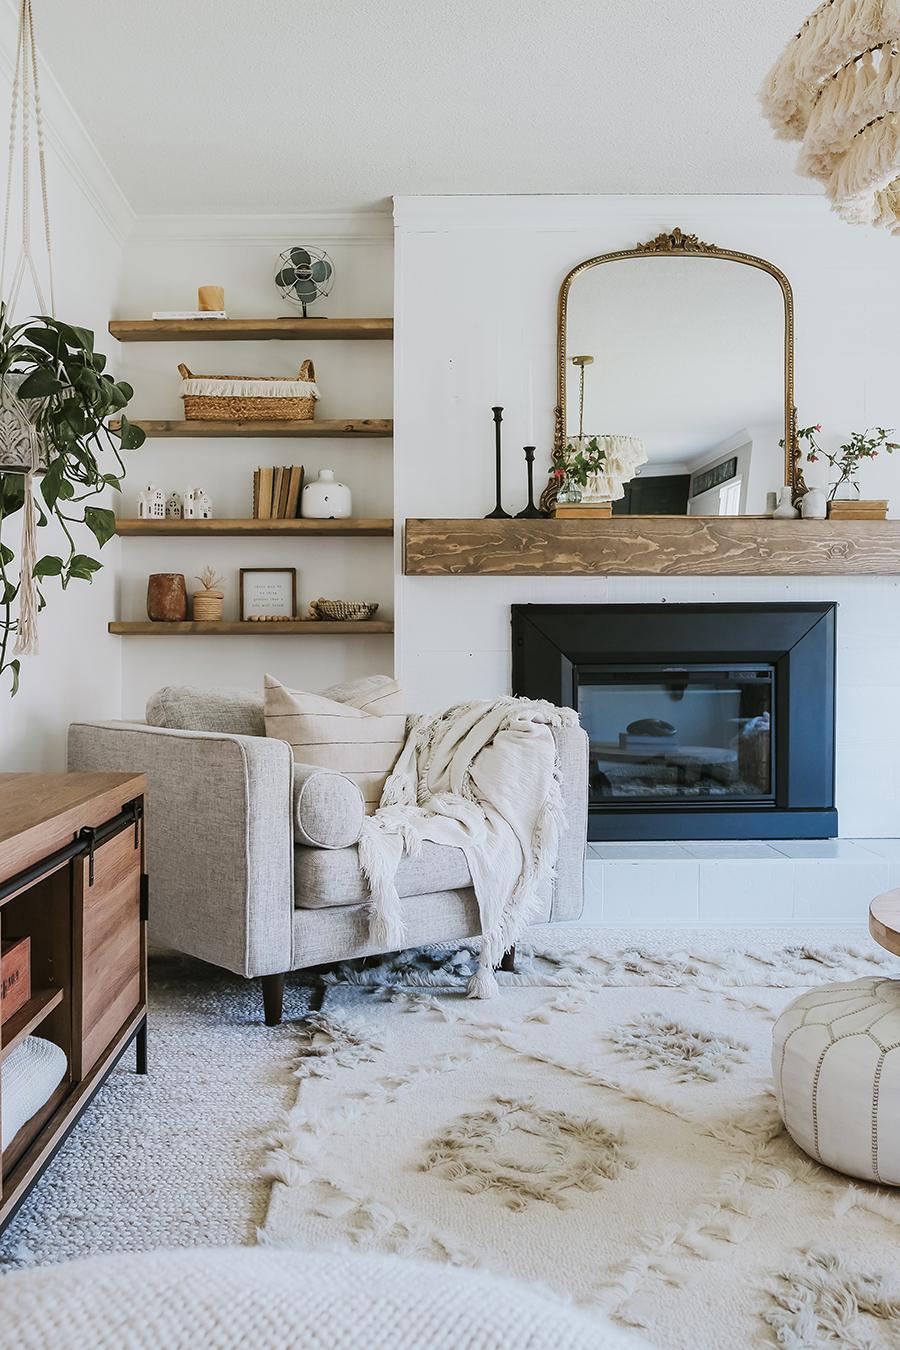 En la imagen se muestra un living con colores neutros, materialidades y texturas que ayudan a crear un ambiente relajado.